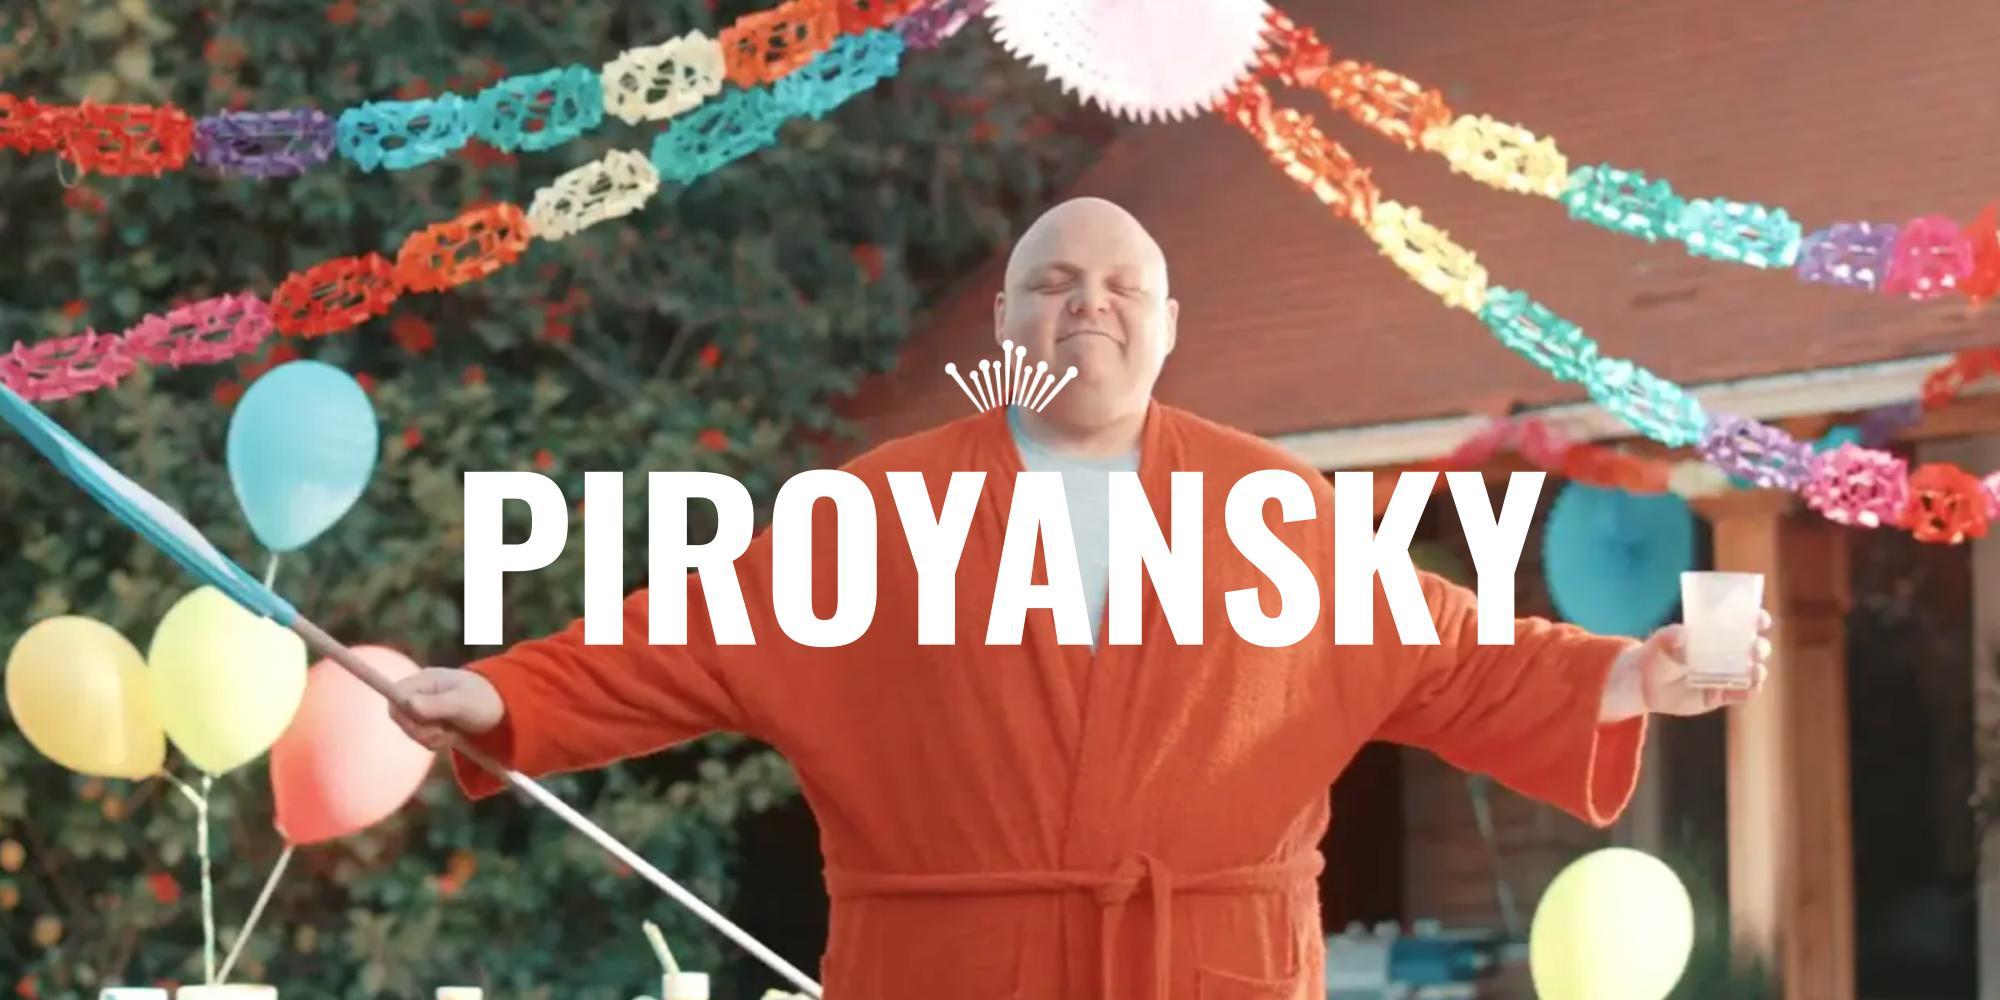 FRAME PIROYANSKY